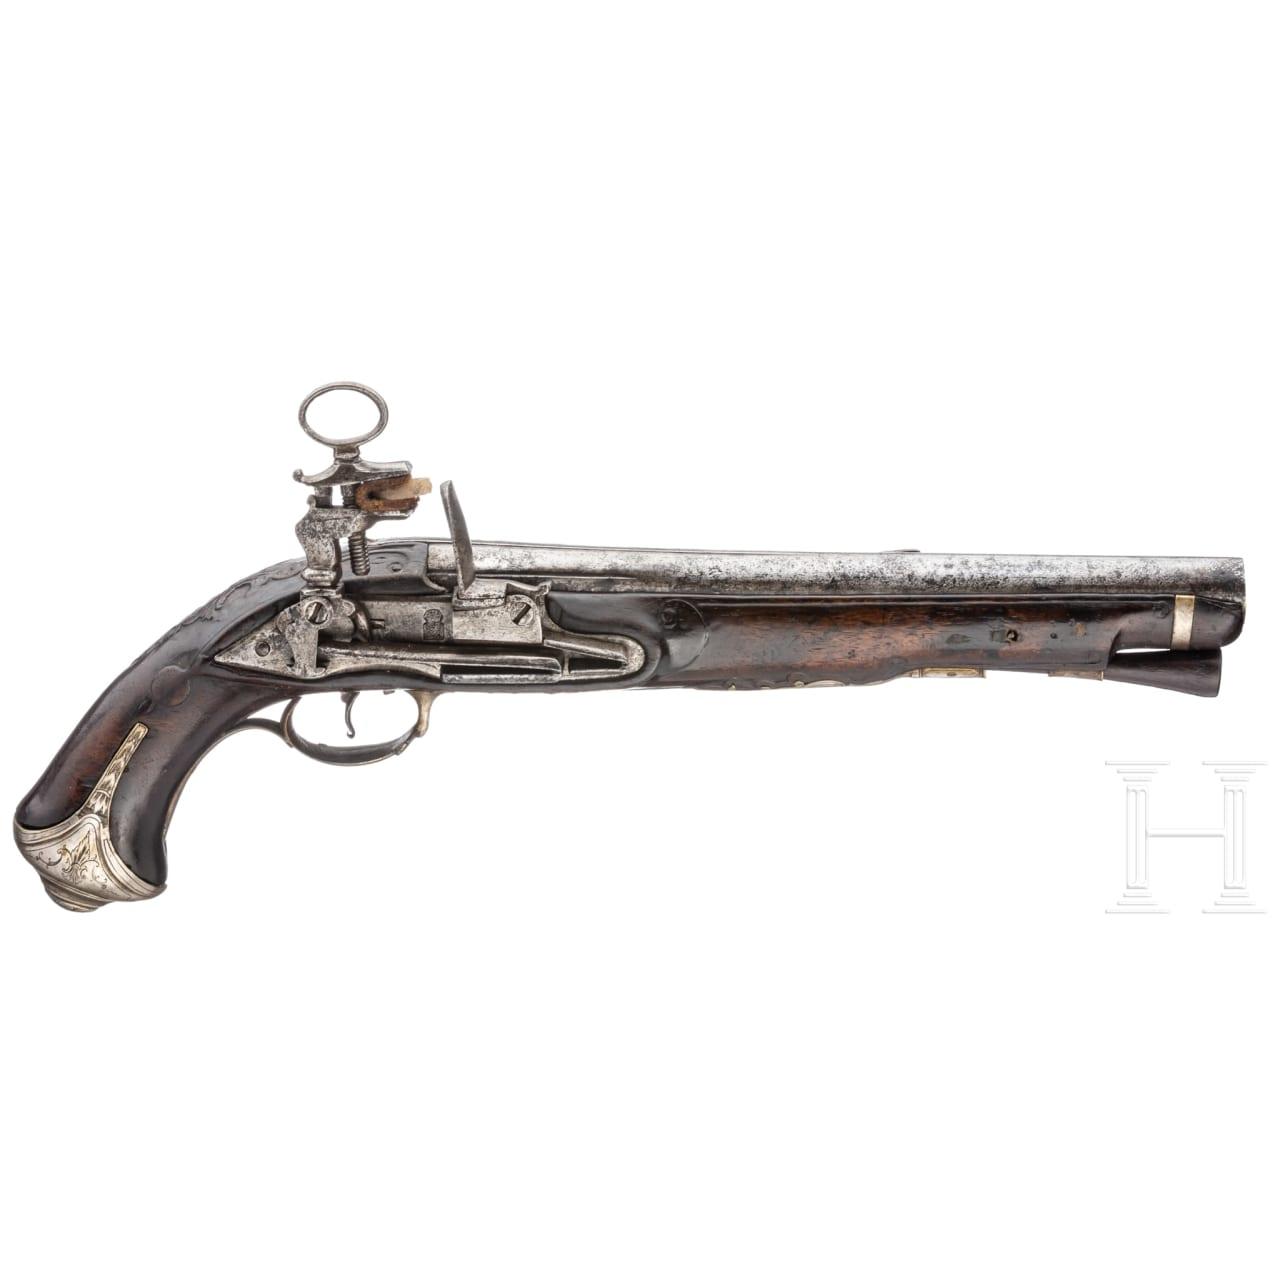 A cavalry officer's flintlock pistol by Esteva in Barcelona, circa 1760